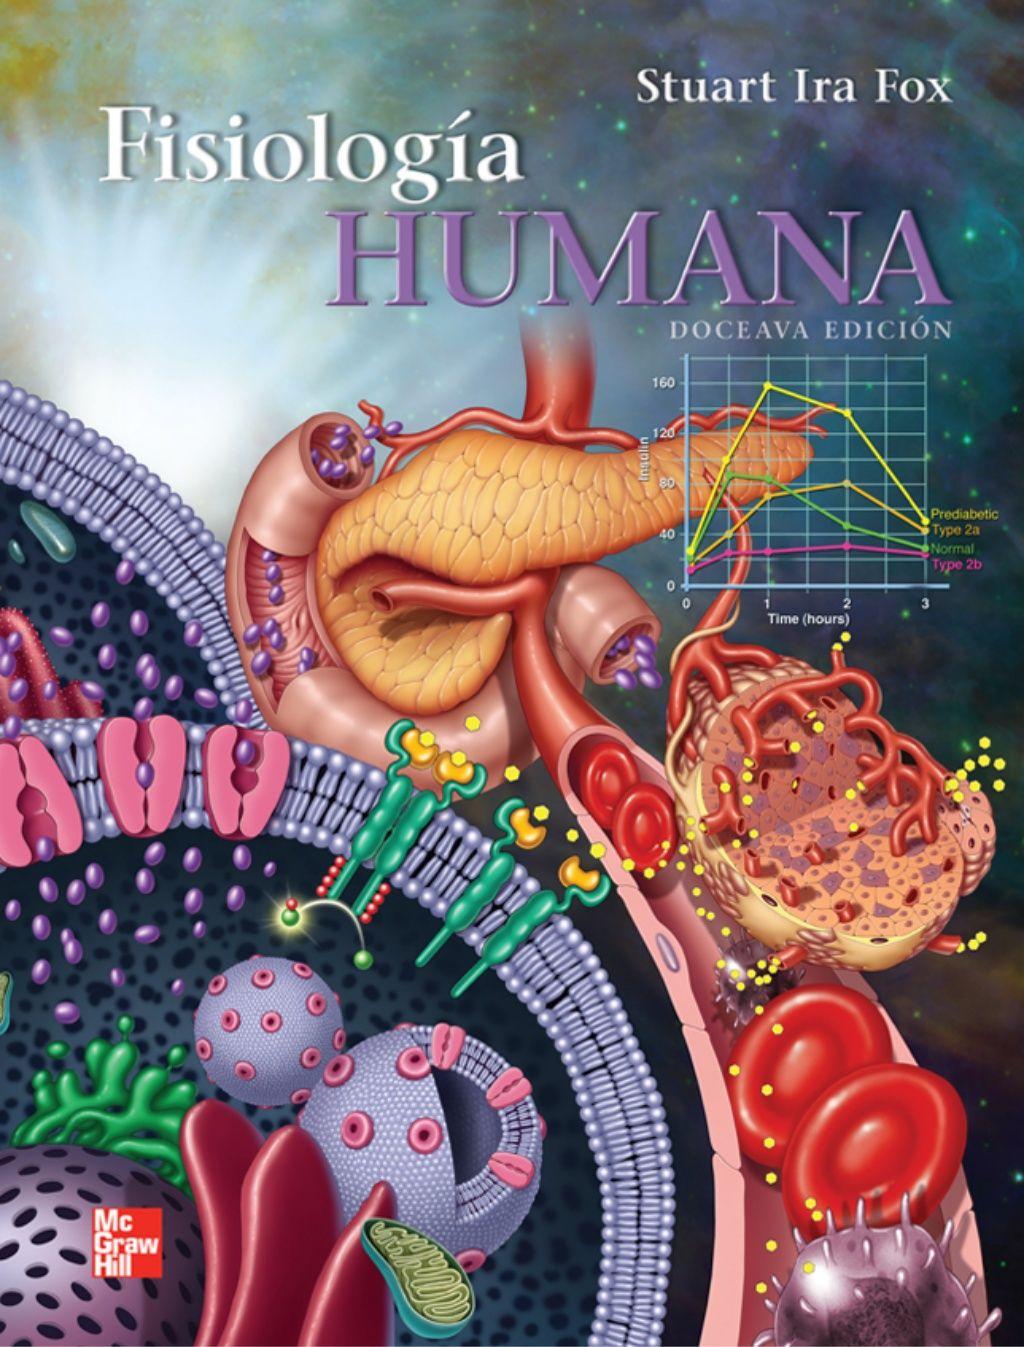 Fisiologia.humana.stuart.fox by A̶m̶e̶l̶ J̶u̶l̶c̶a̶ ̶r̶i̶v̶e̶r̶o̶ ...